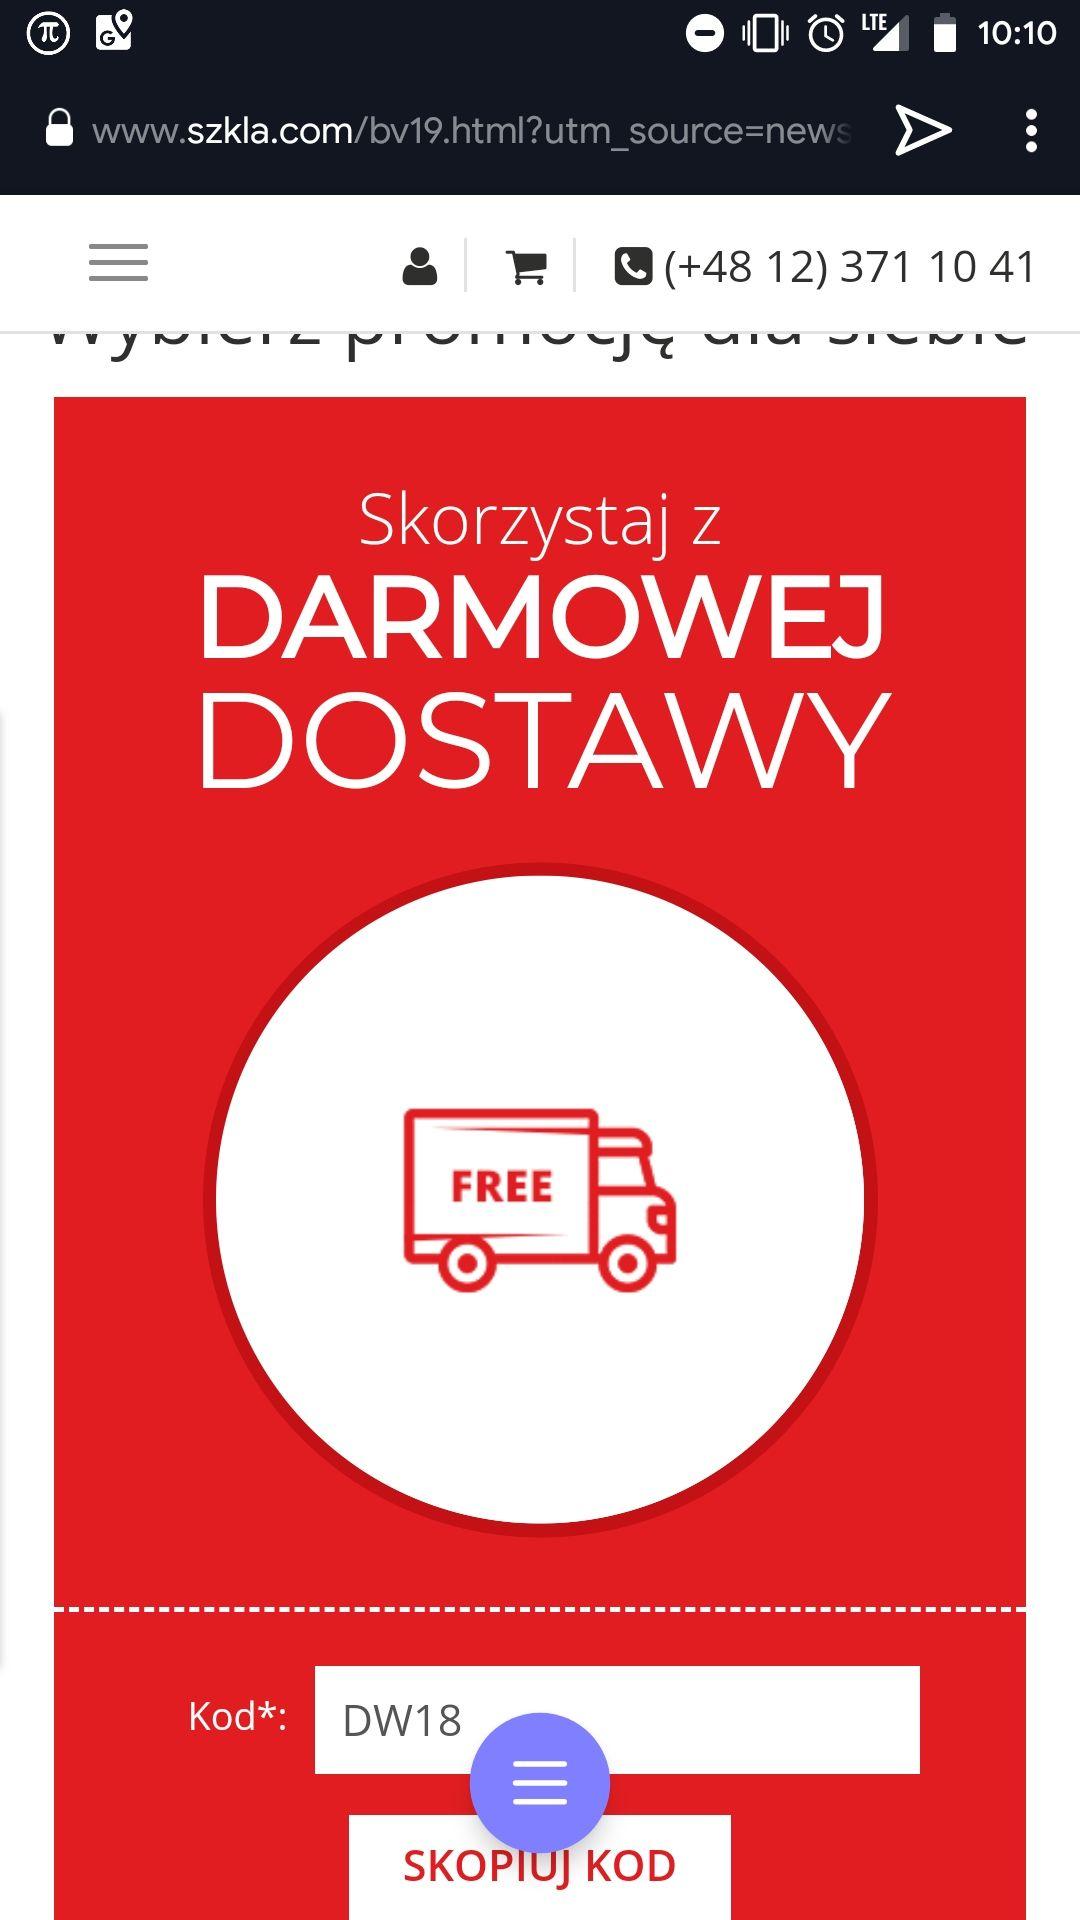 Darmowa dostawa soczewek na szkła.com